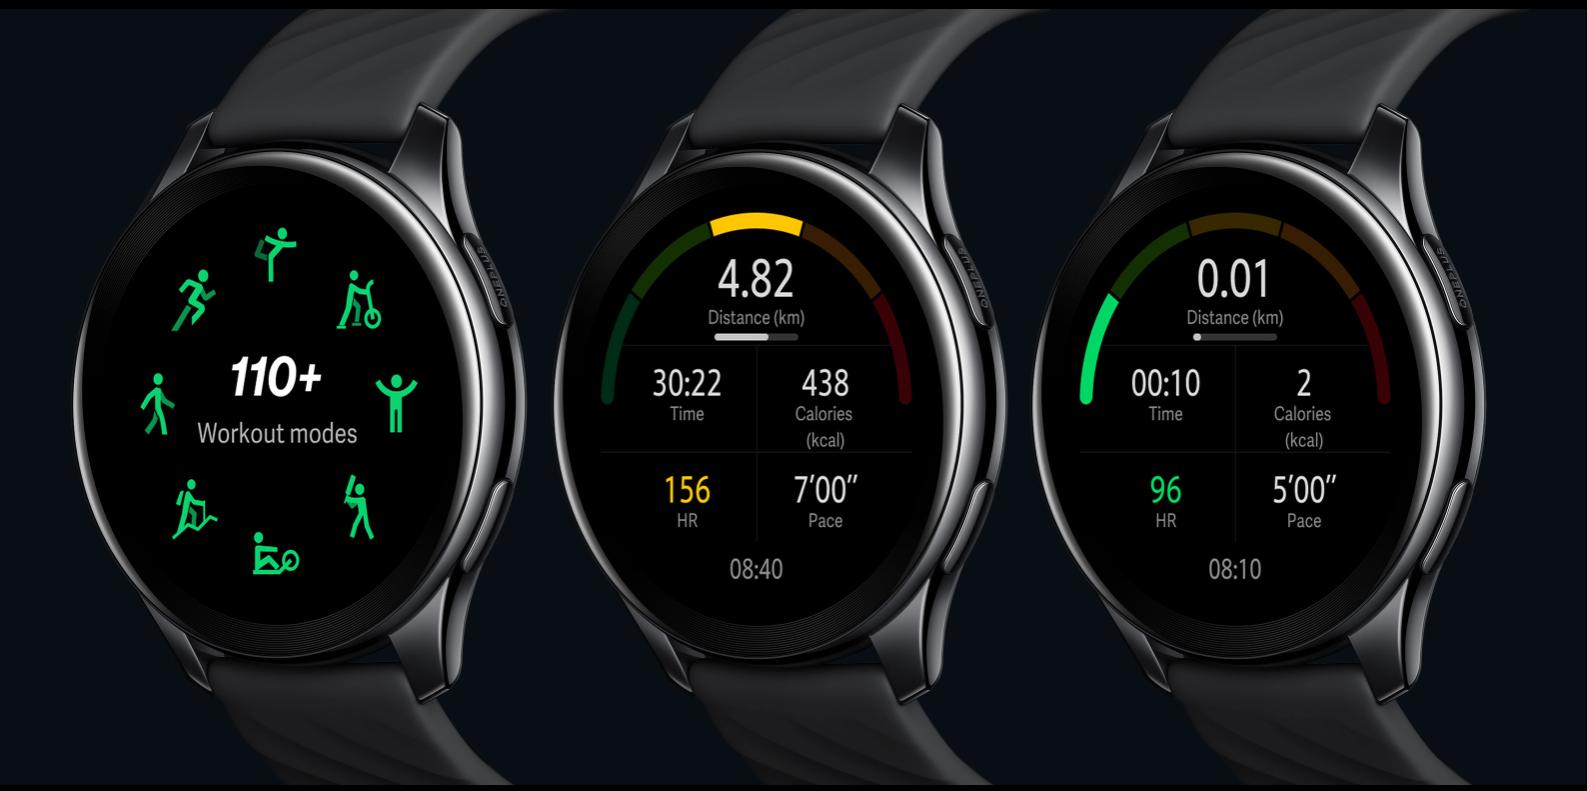 OnePlus Watch Fitness